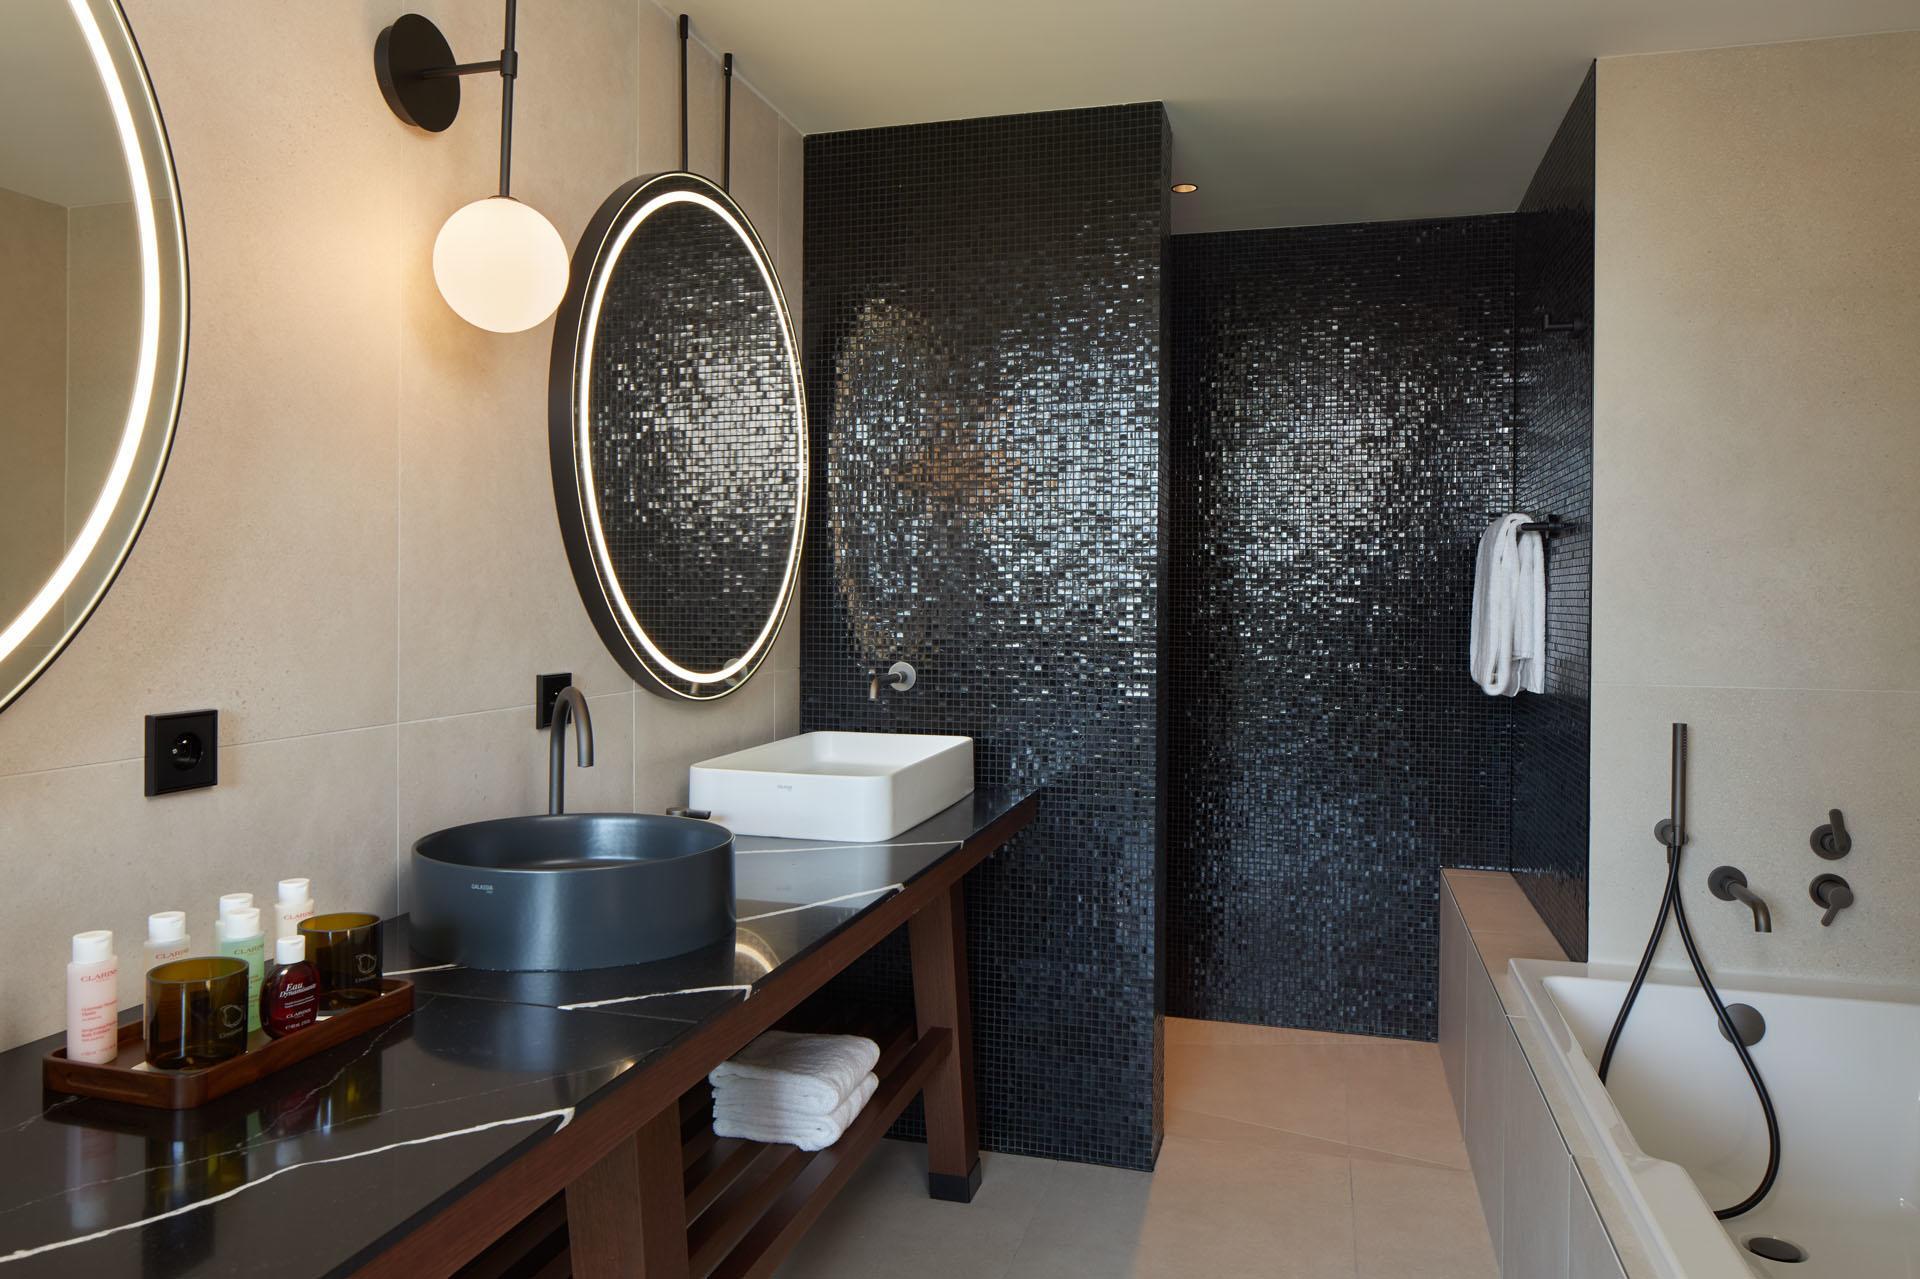 L'Esquisse Hotel & Spa Atelier d'artiste